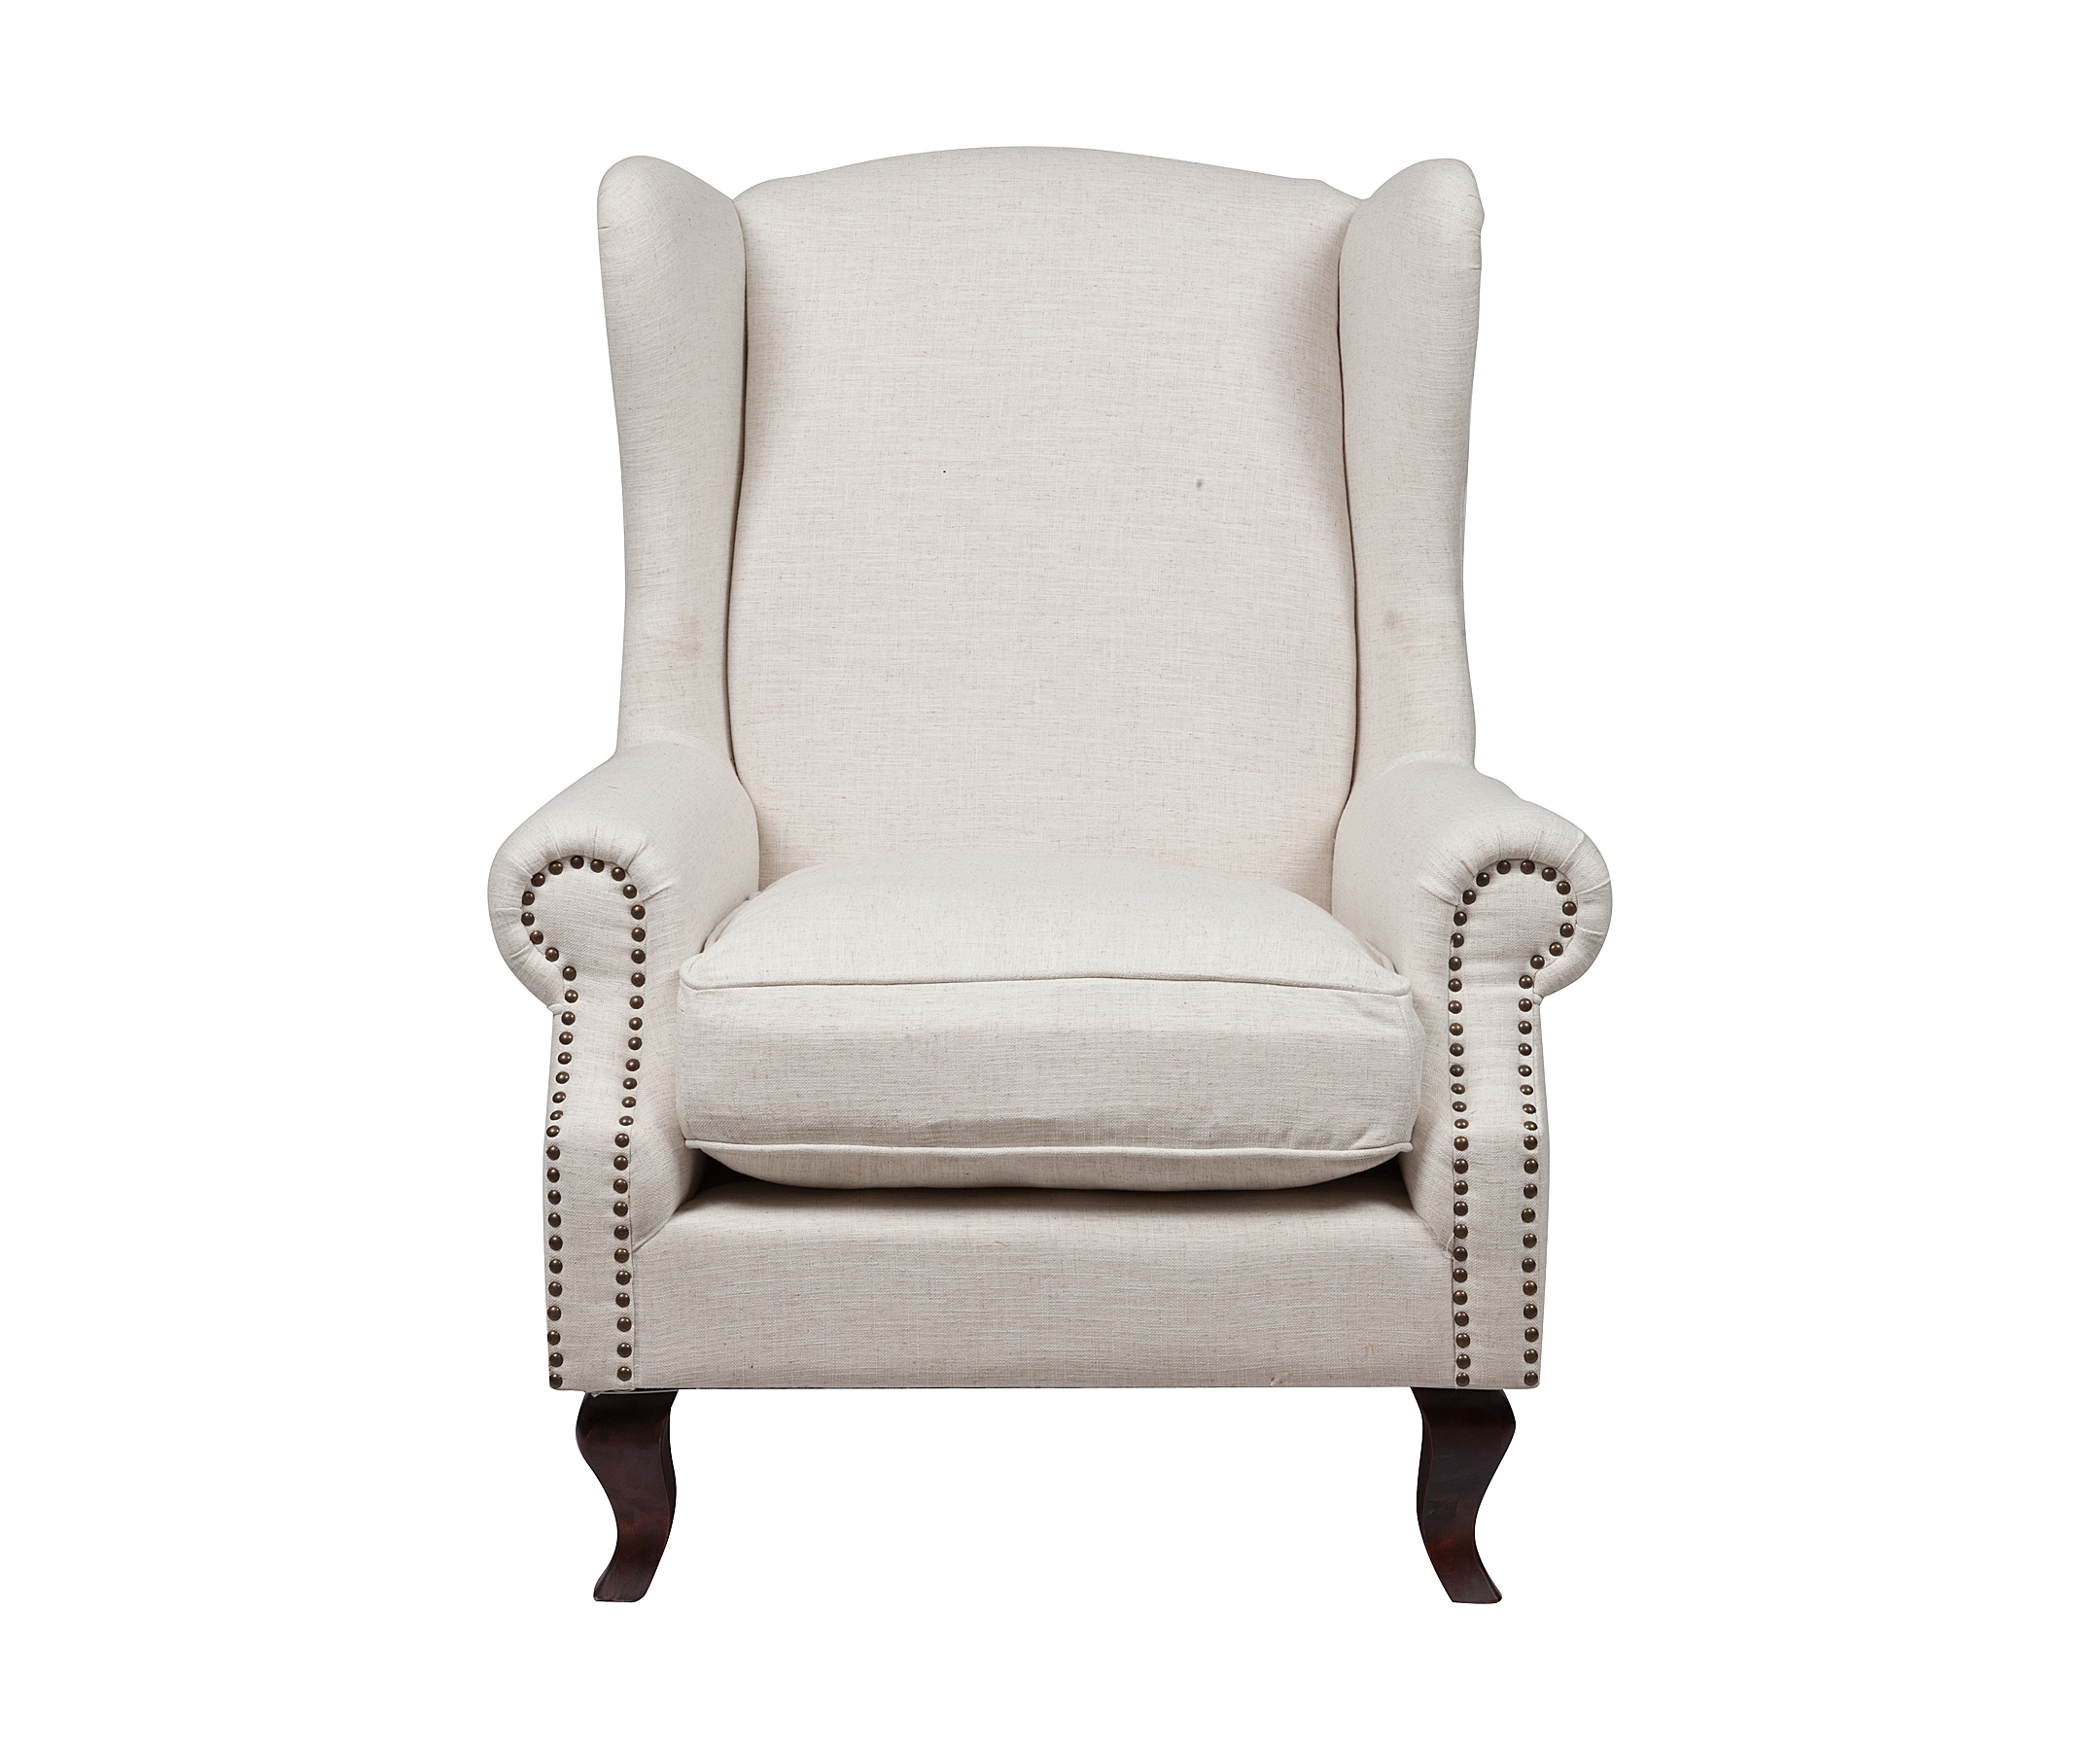 Кресло Collins Wingback ChairКресла с высокой спинкой<br><br><br>Material: Текстиль<br>Width см: 97<br>Depth см: 94<br>Height см: 114